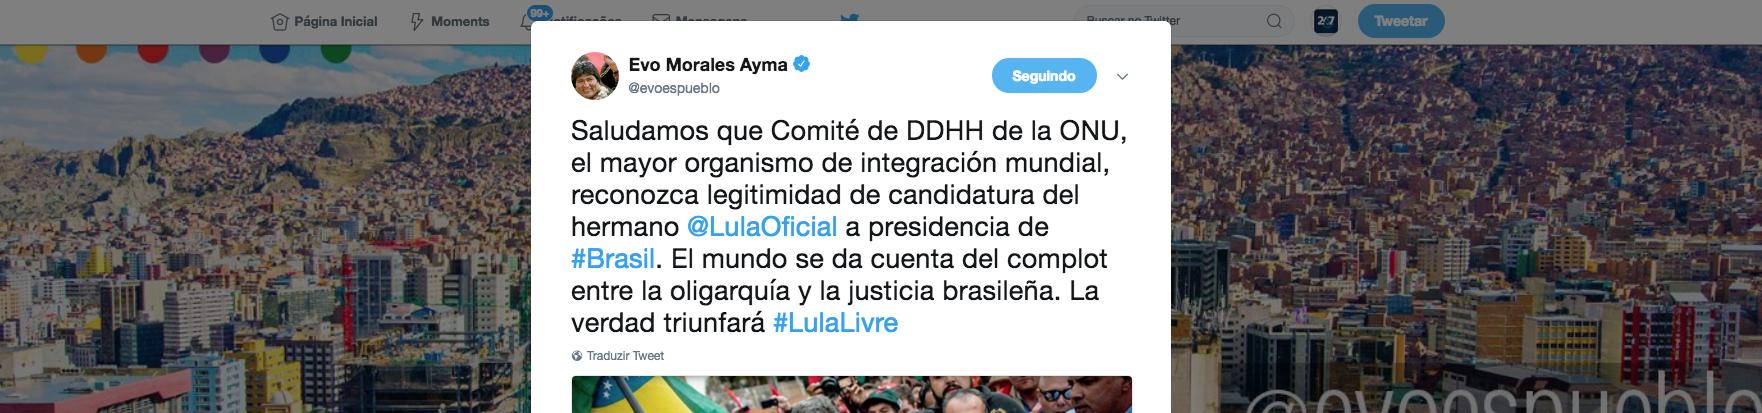 Morales celebra decisão da ONU e diz que mundo já vê complô contra Lula